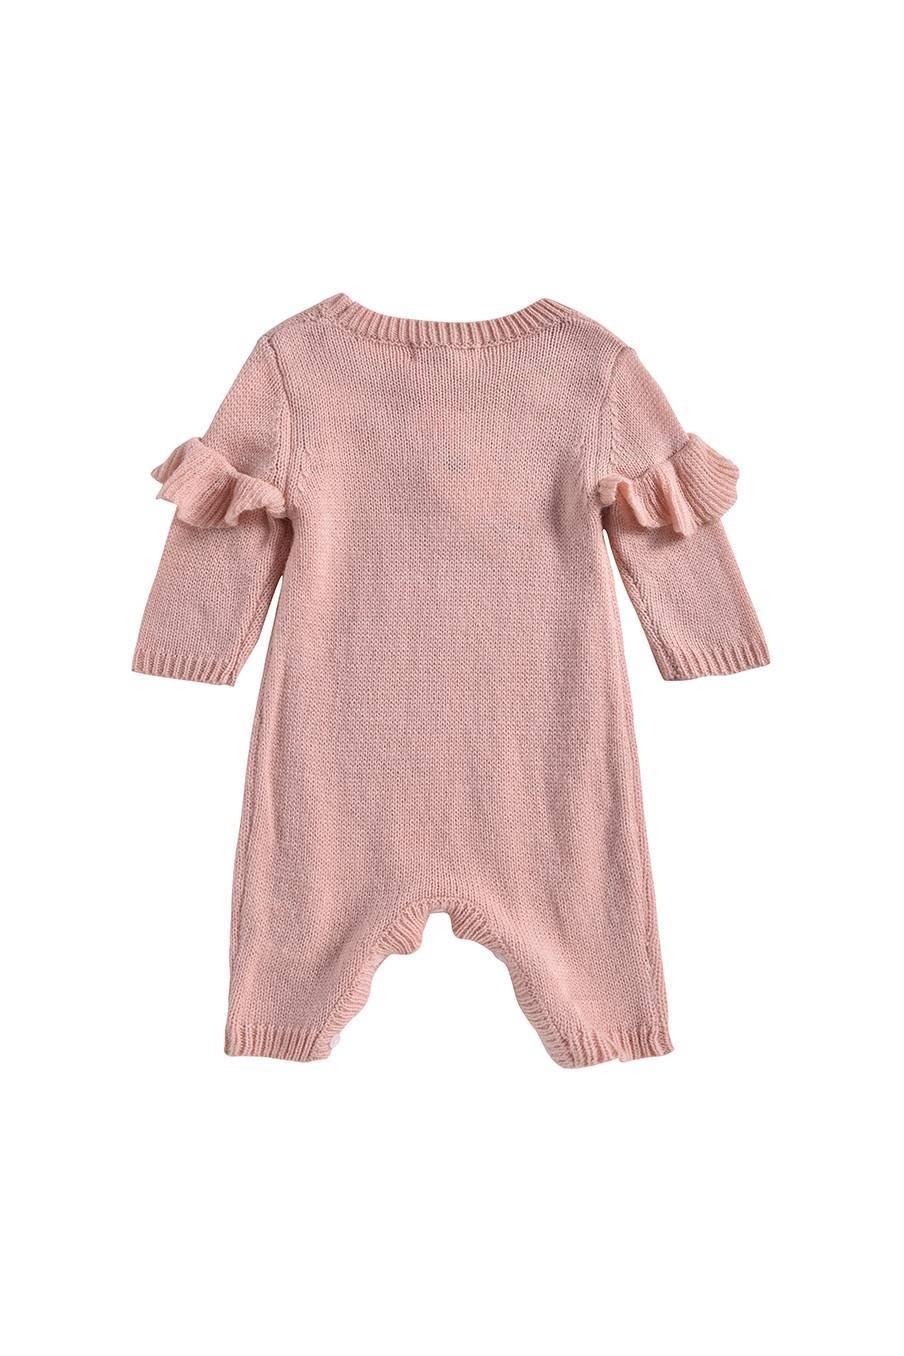 boheme chic vintage combinaison bébé fille tamalia blush